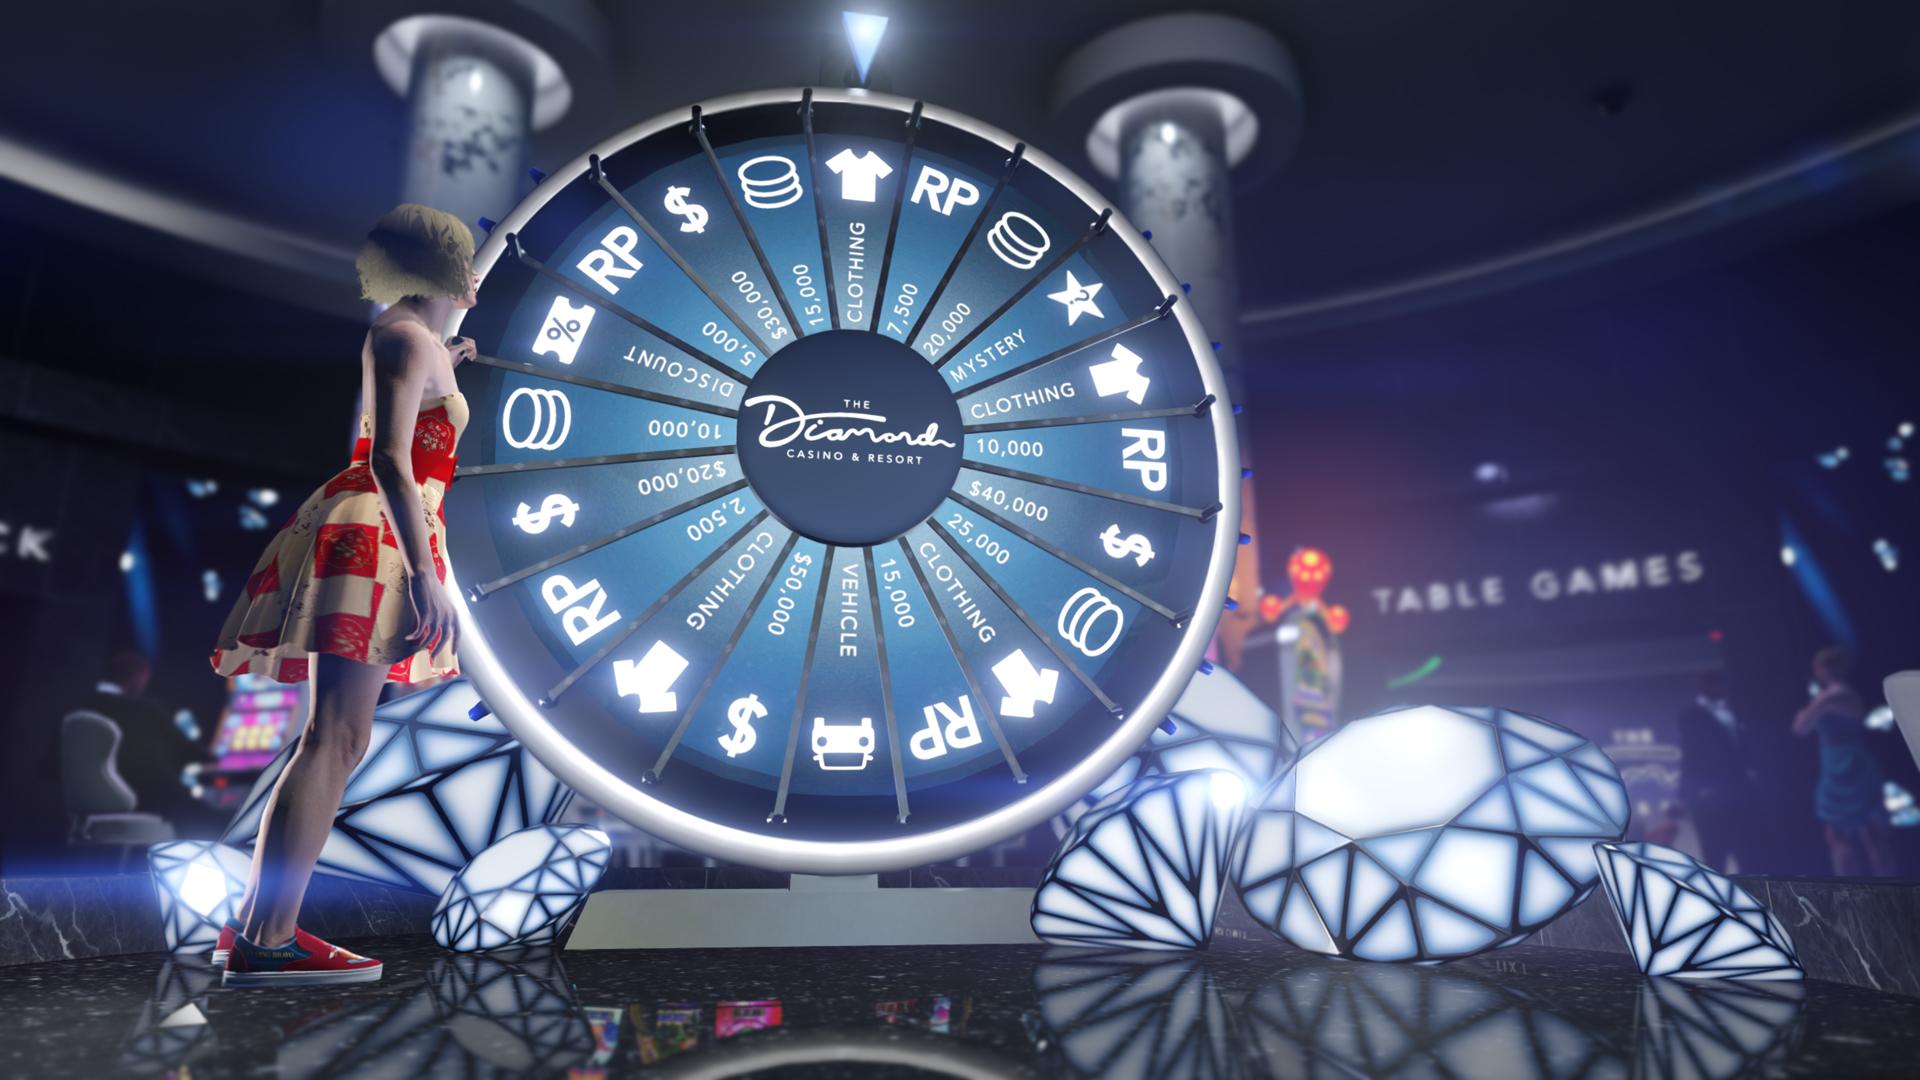 gta 5 online: am glücksrad im casino drehen & das seltenste